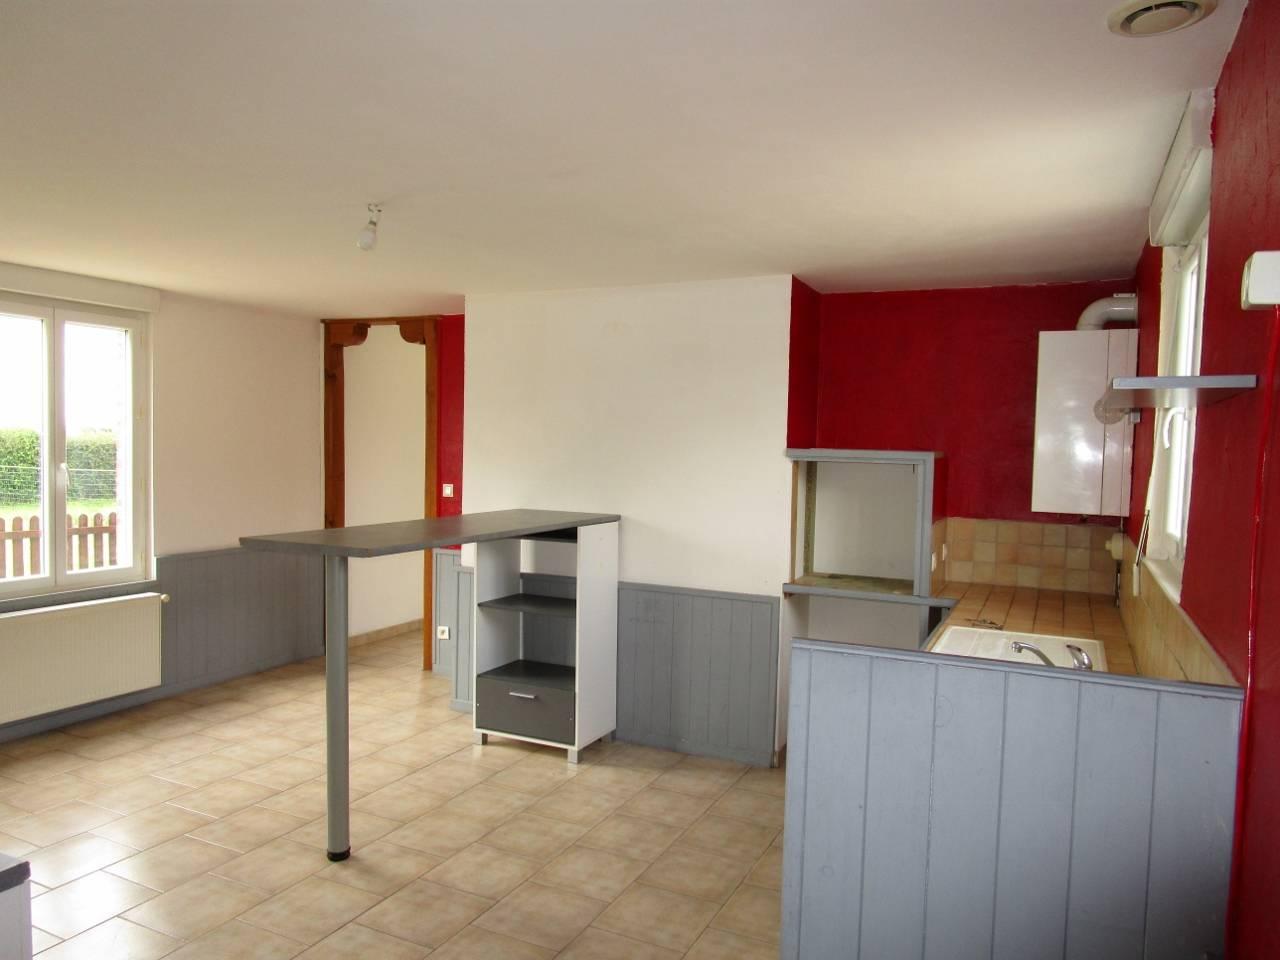 maison louer le guide pour trouver vite et bien une maison ou une villa de vacances pour une. Black Bedroom Furniture Sets. Home Design Ideas